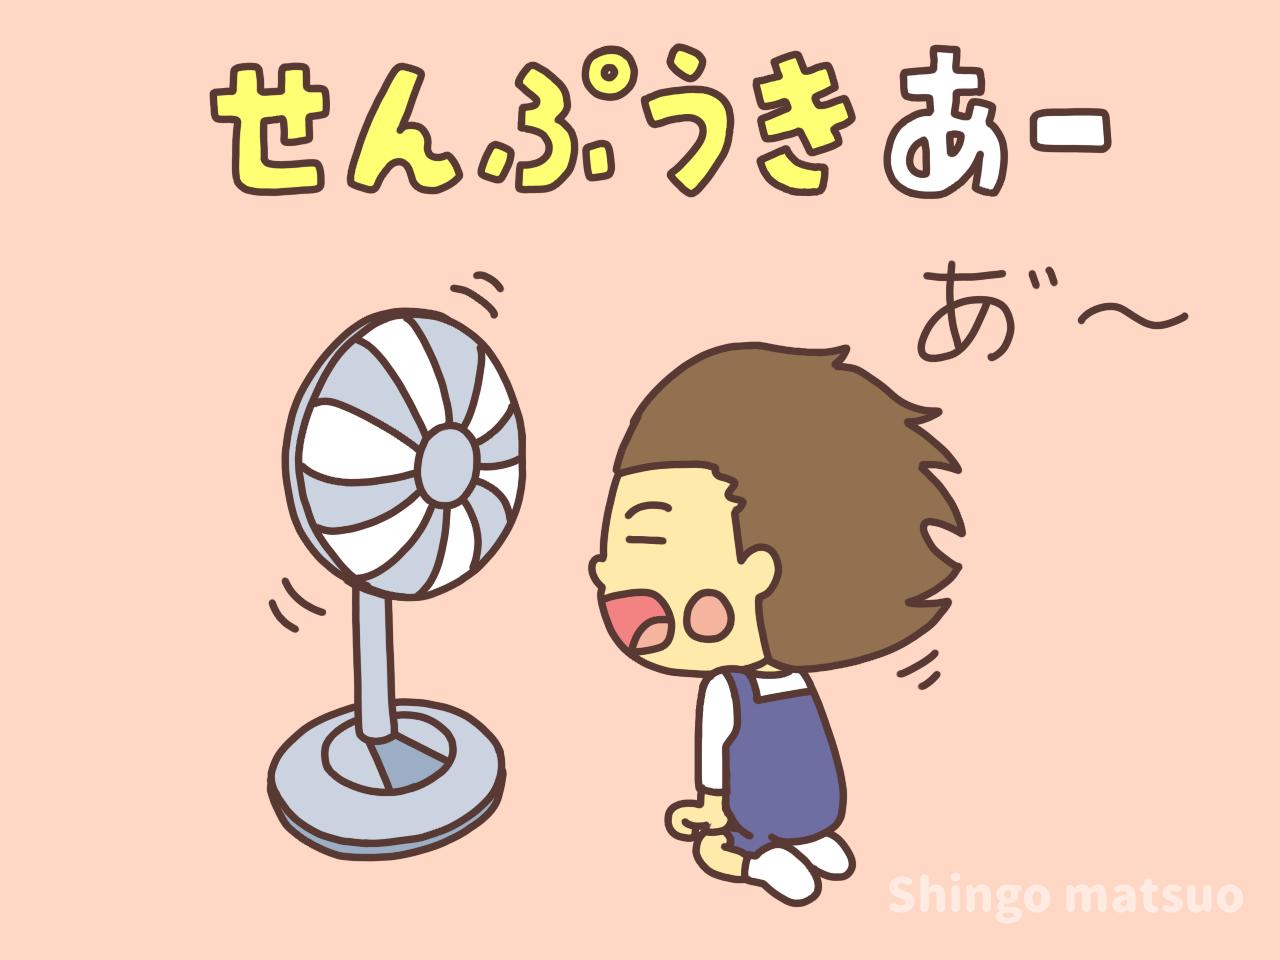 扇風機 あー